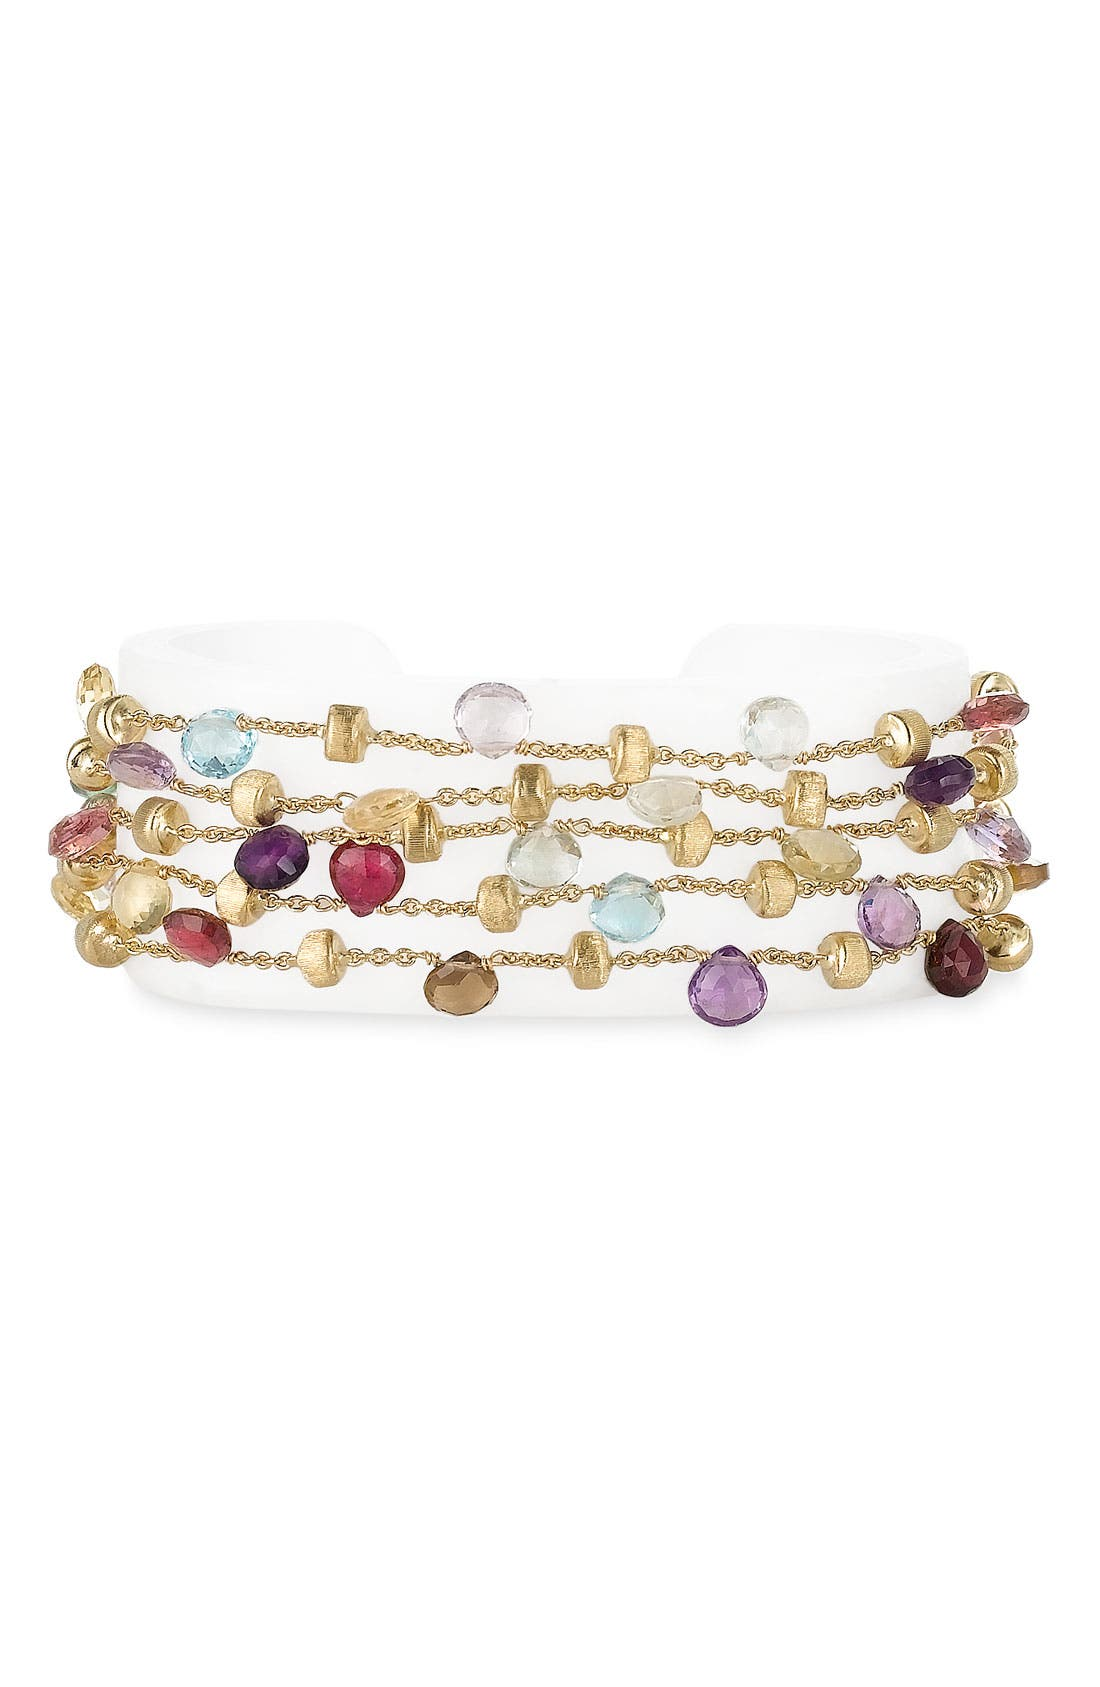 Main Image - Marco Bicego 'Paradise' Five Strand Bracelet